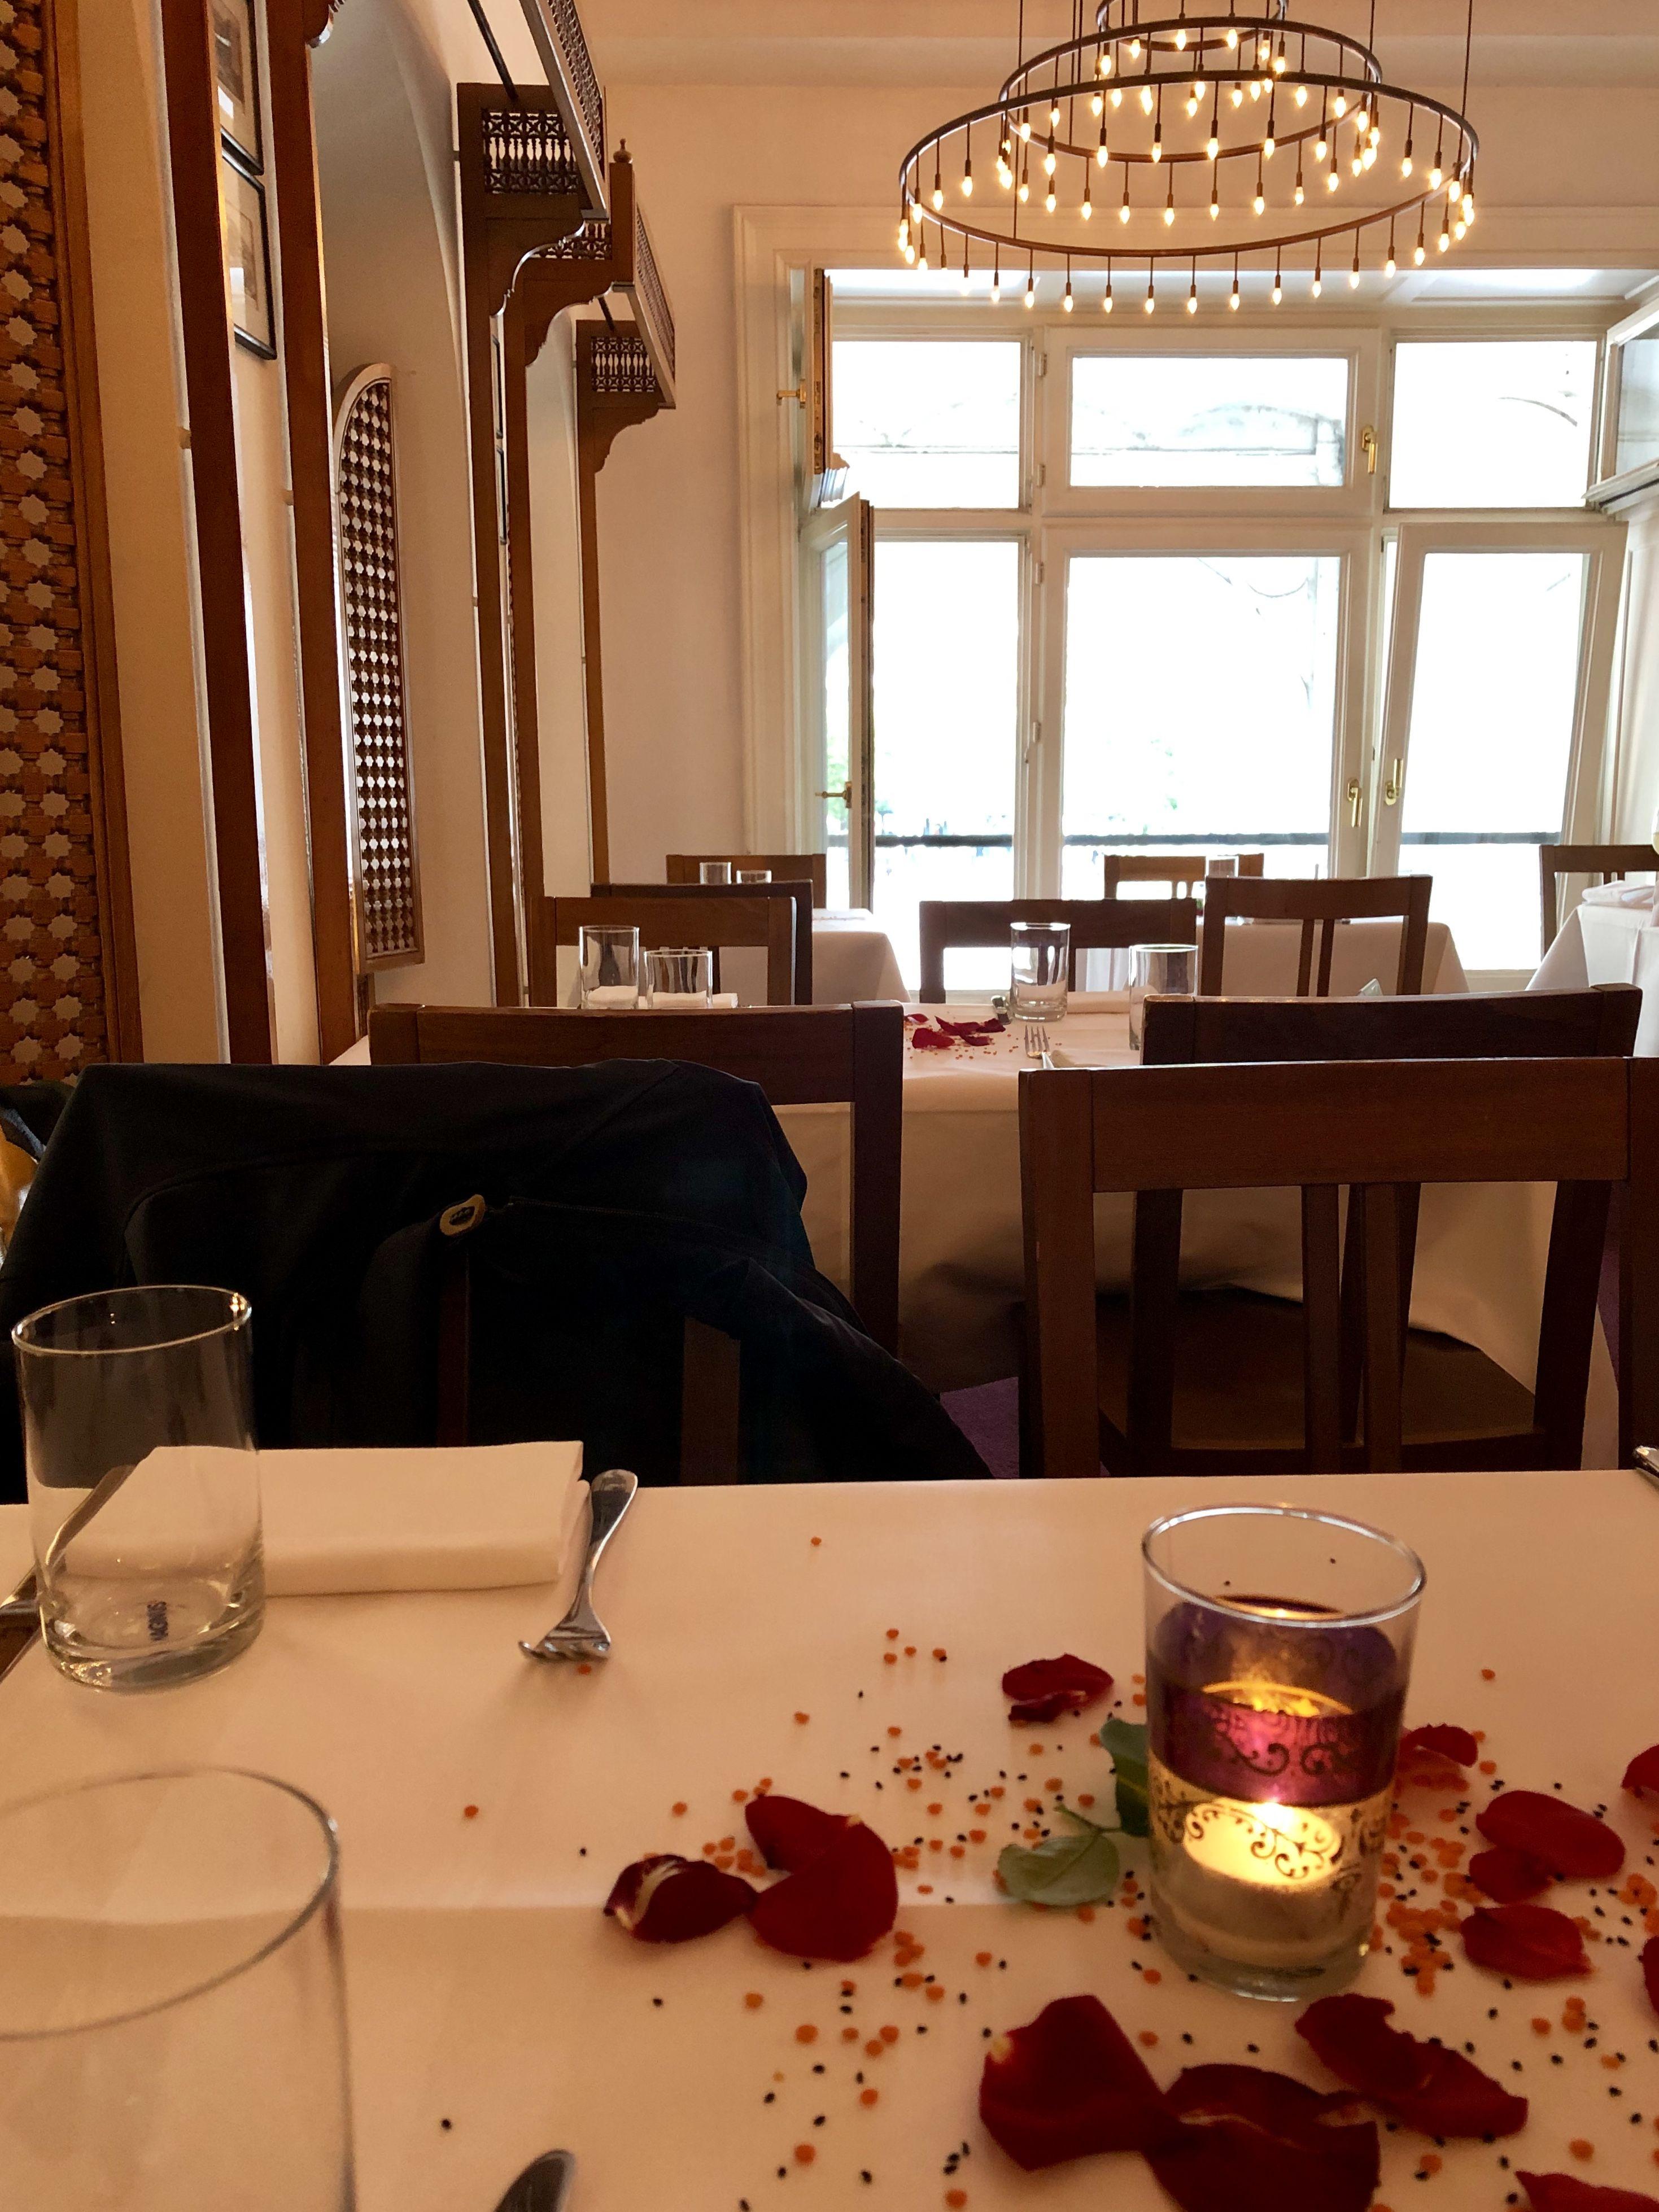 Syrisches Restaurant Am Hamburger Rathaus Restaurant Speisekarte Essen Ideen